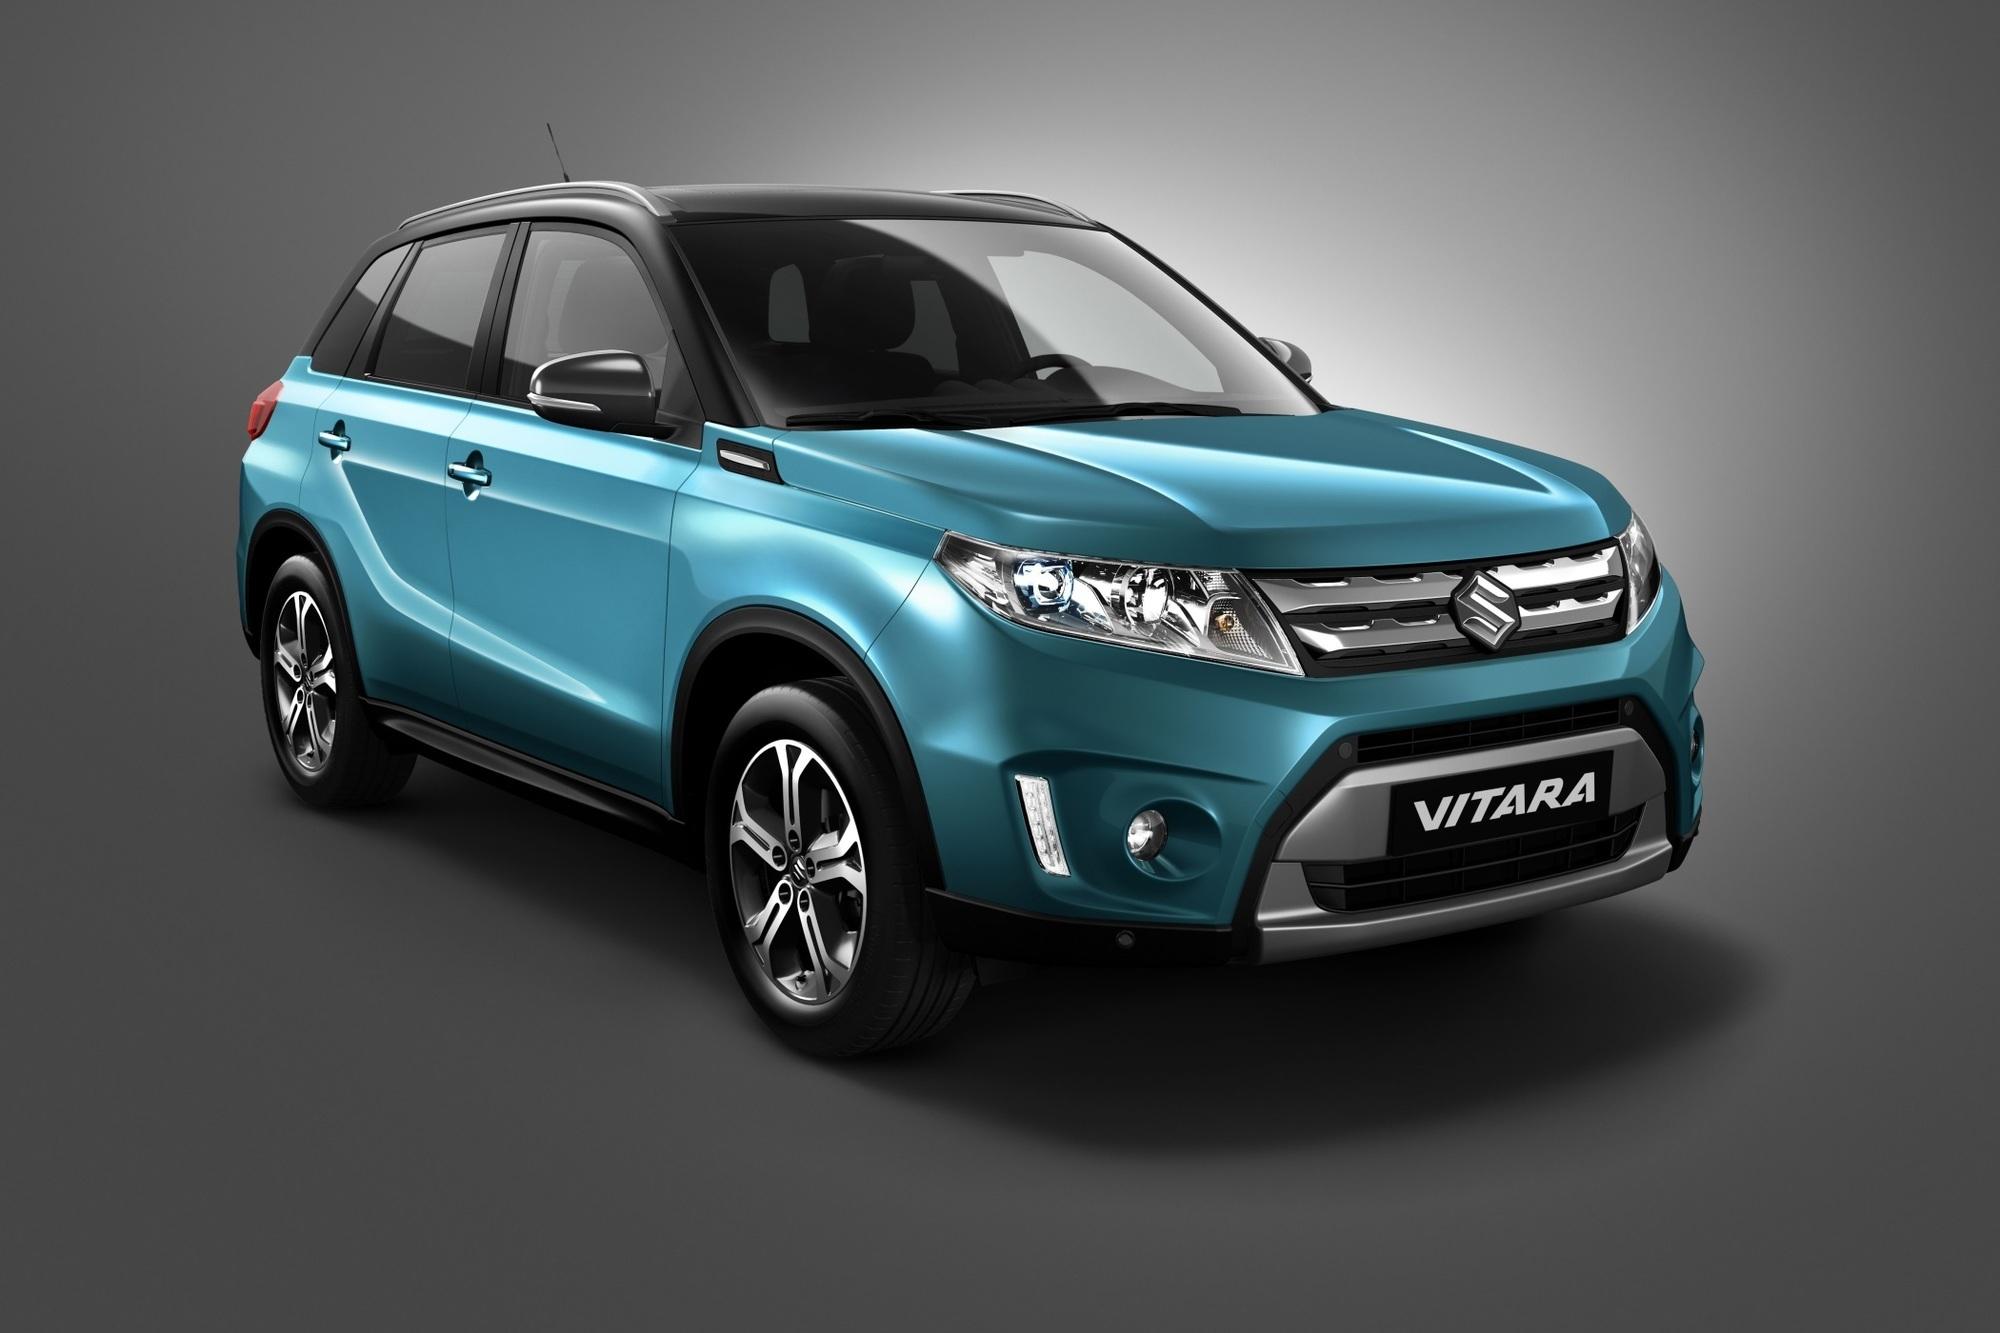 Neuer Suzuki Vitara - Mehr Auswahl für Offroad-Fans